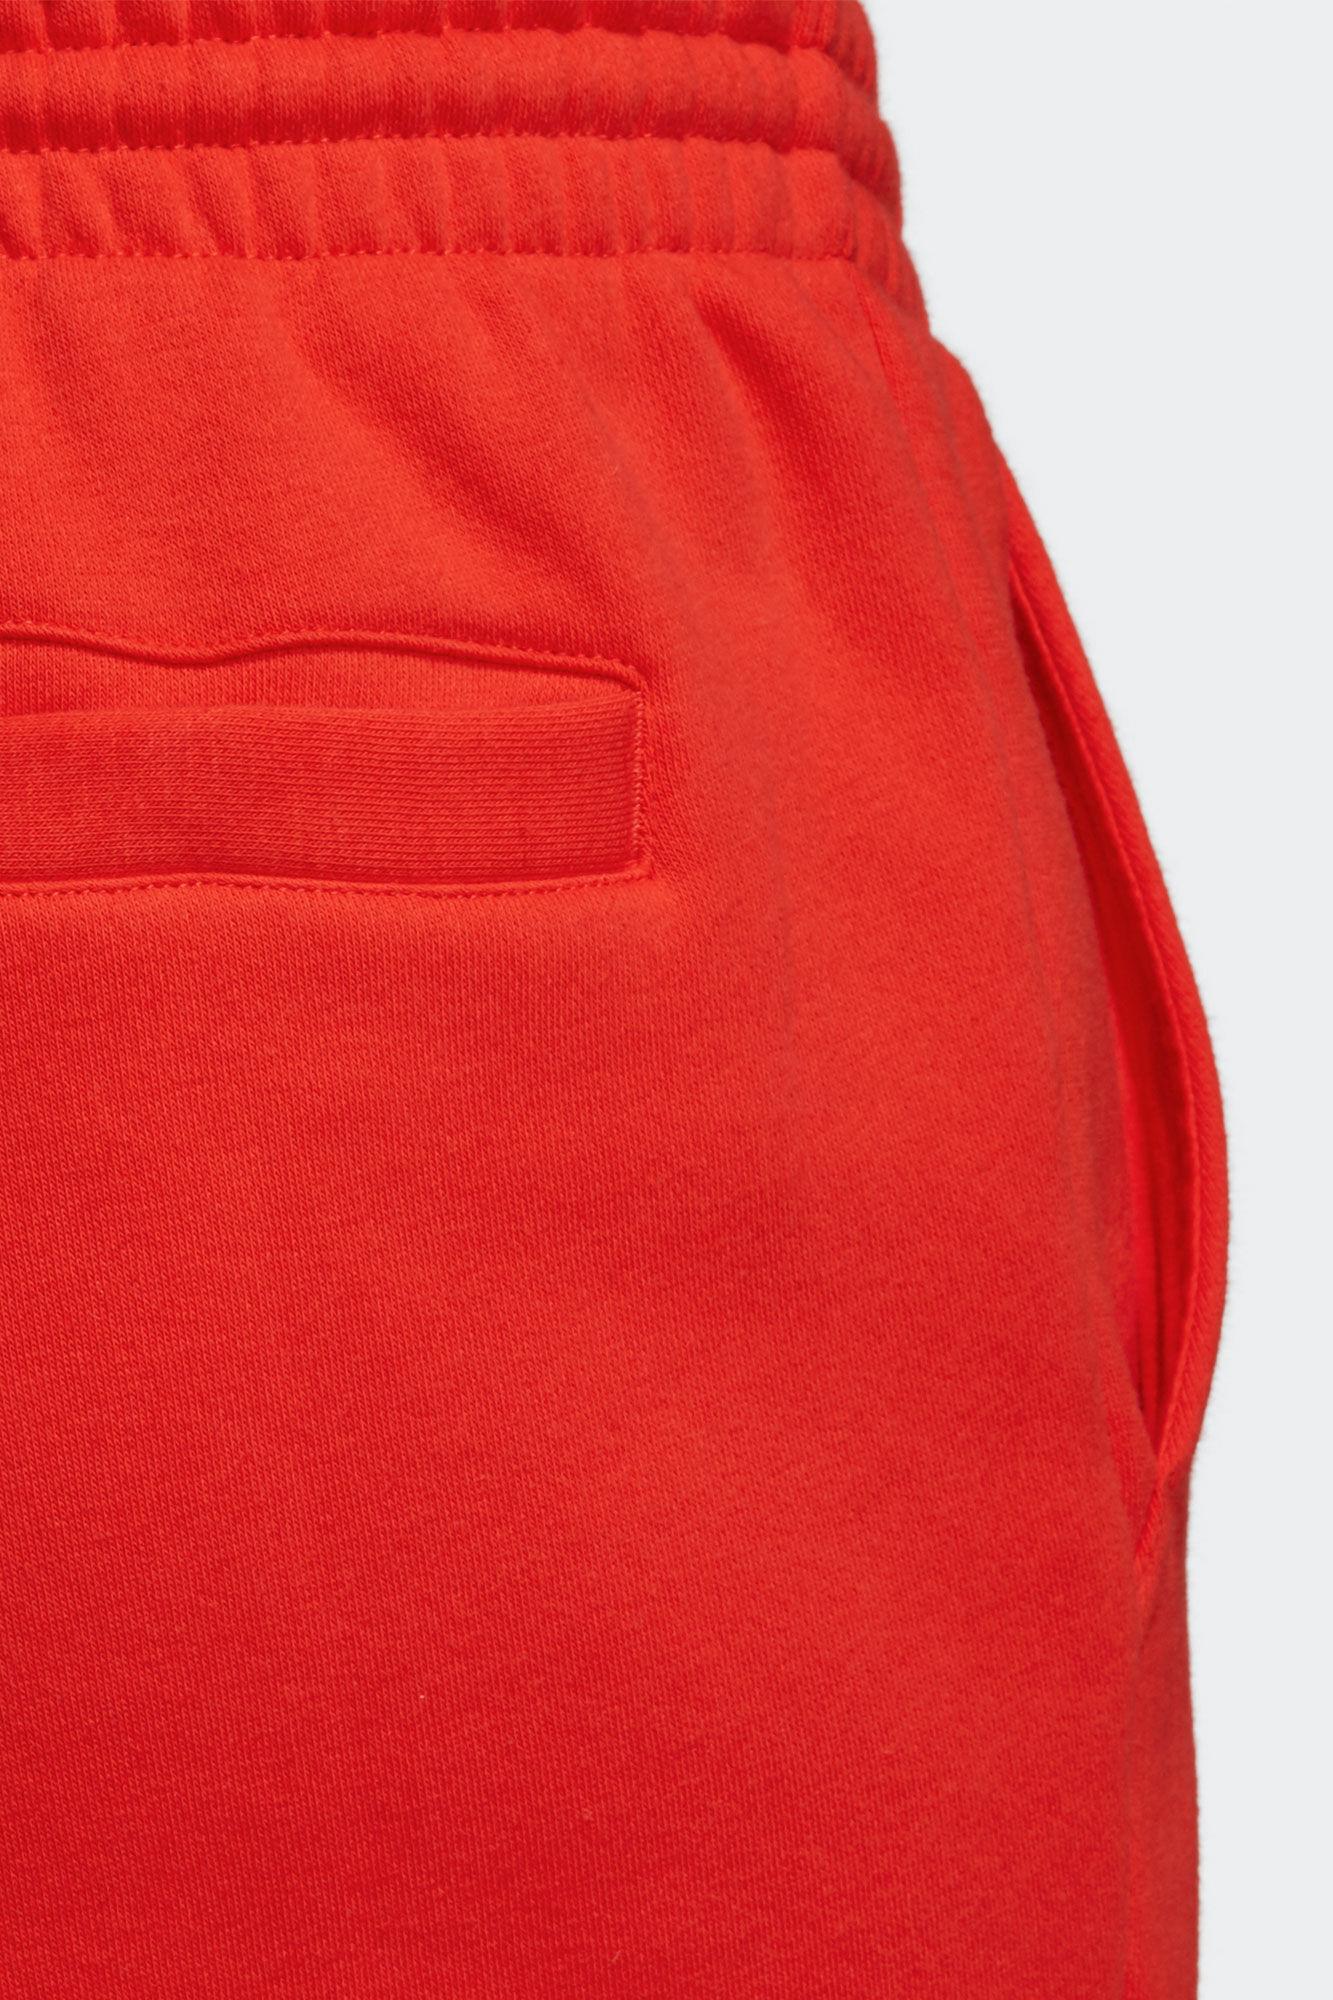 Coeeze Pant DU7186, ACTIVE RED S19